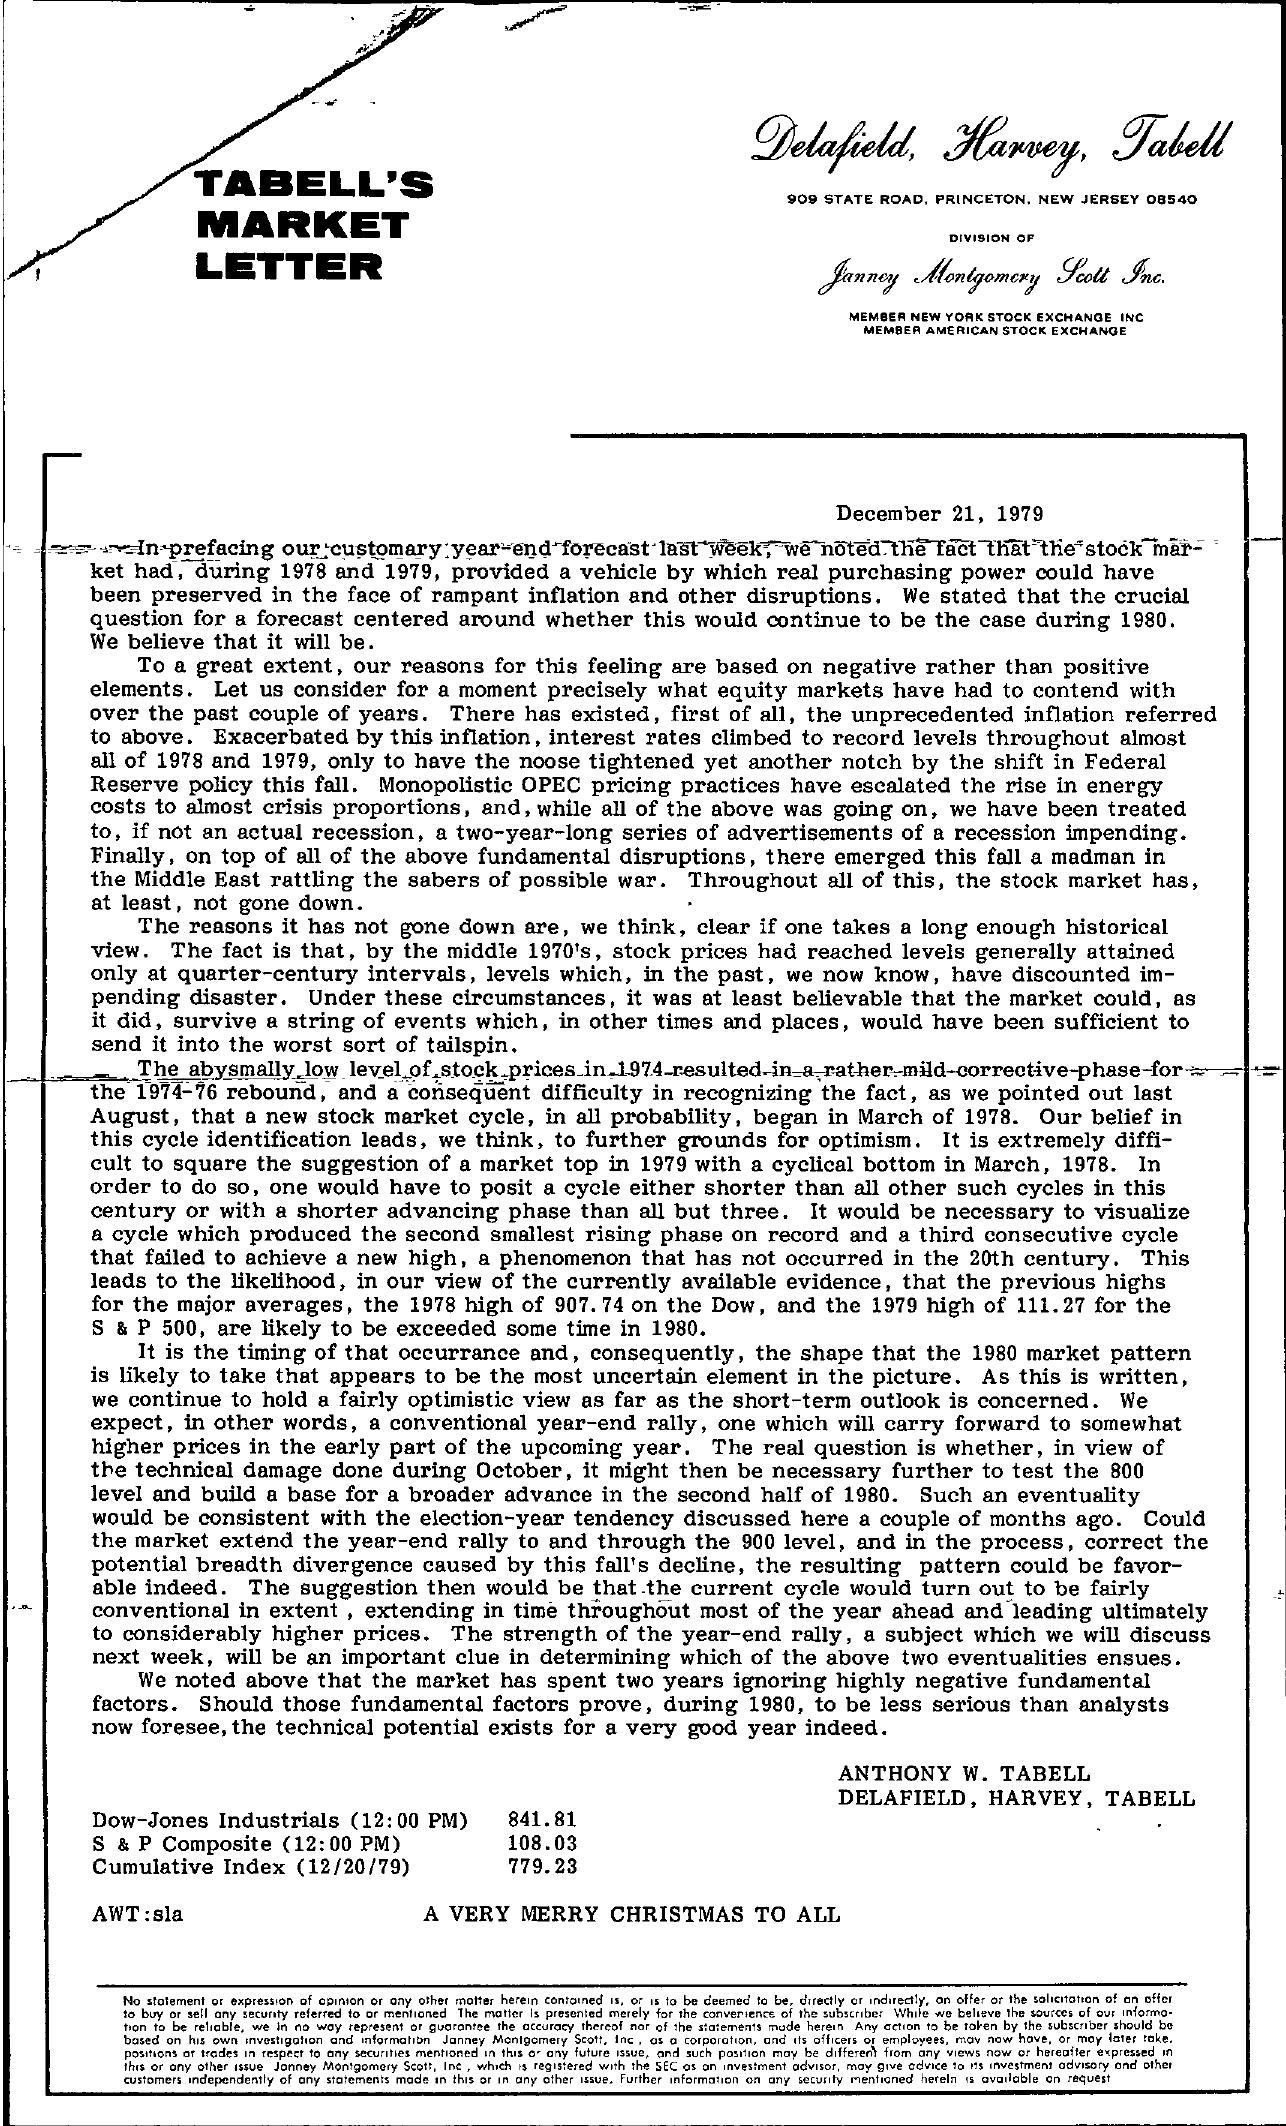 Tabell's Market Letter - December 21, 1979